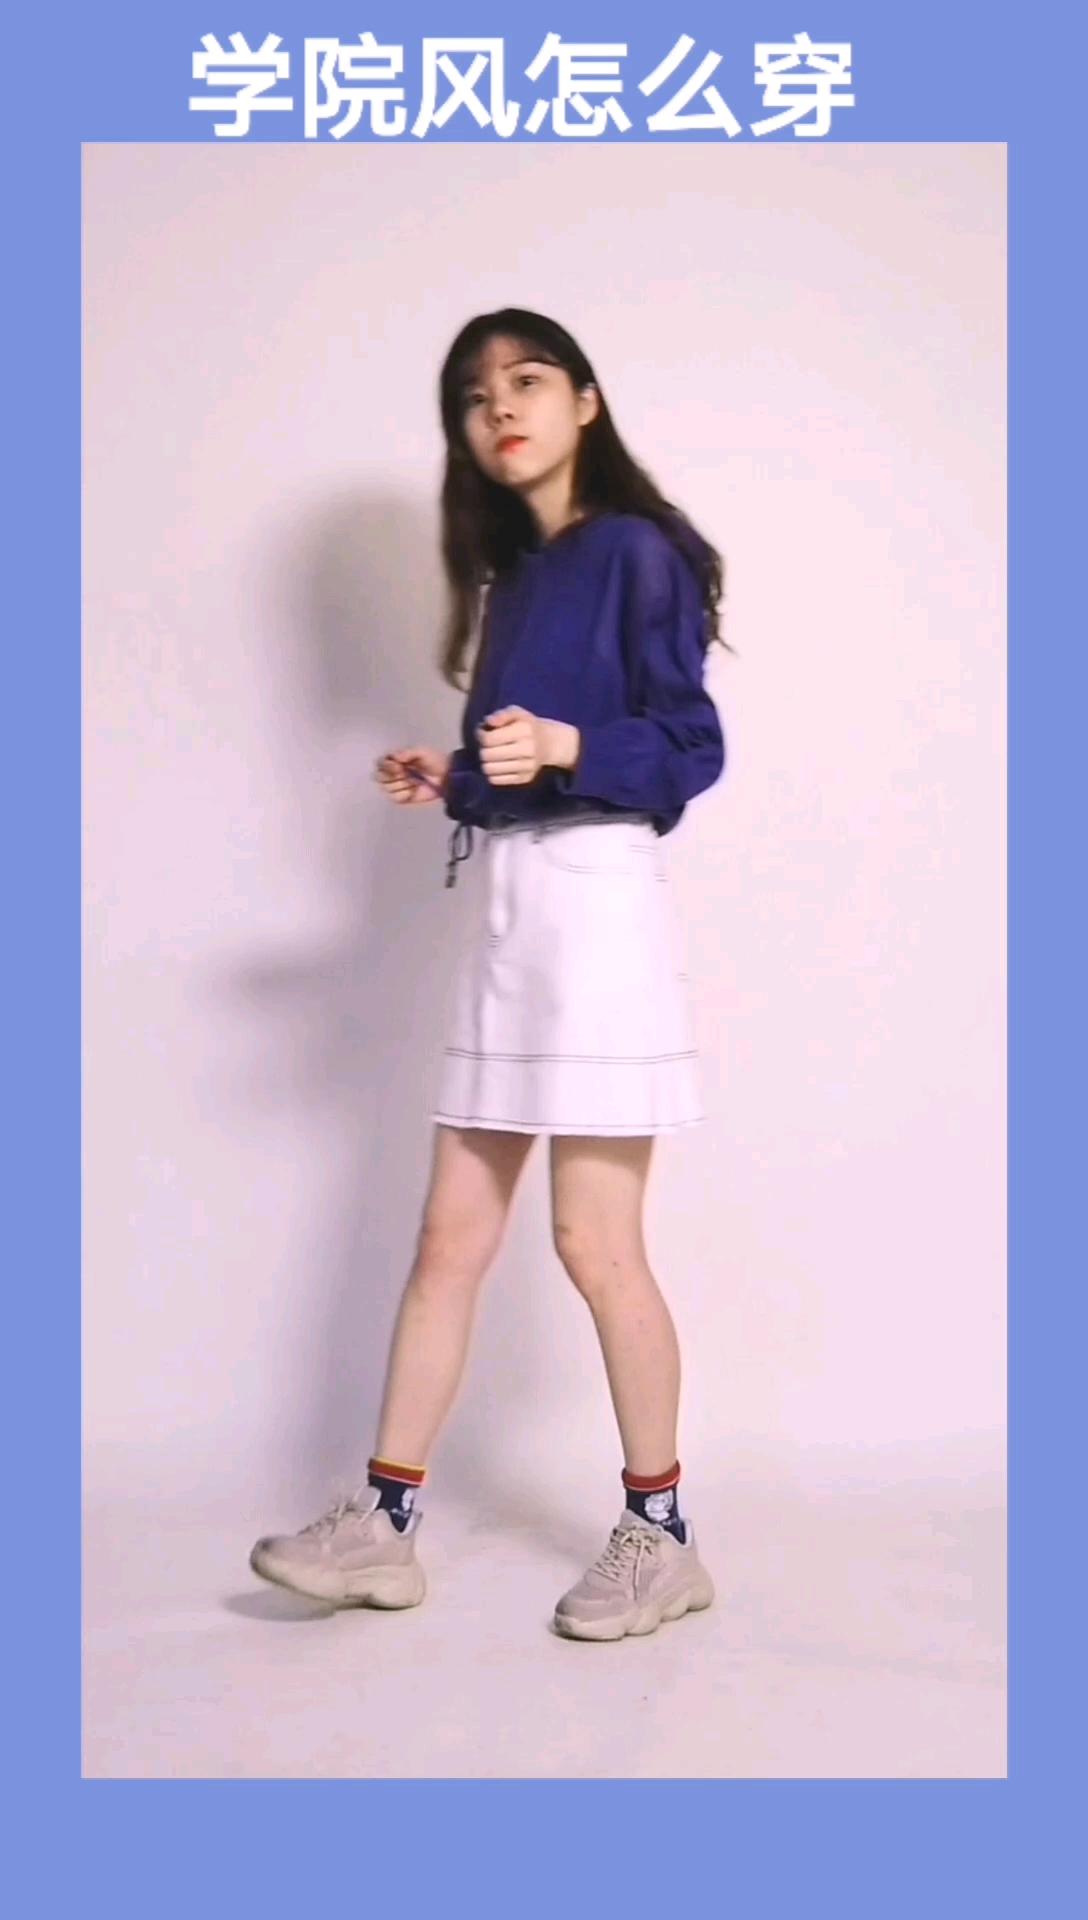 学院风出了海军领还有海蓝色呀~    针织蓝色卫衣,搭配白色半裙提升亮度,活力可爱,加上中长袜,活力满分~#我要穿裙几到80岁~#